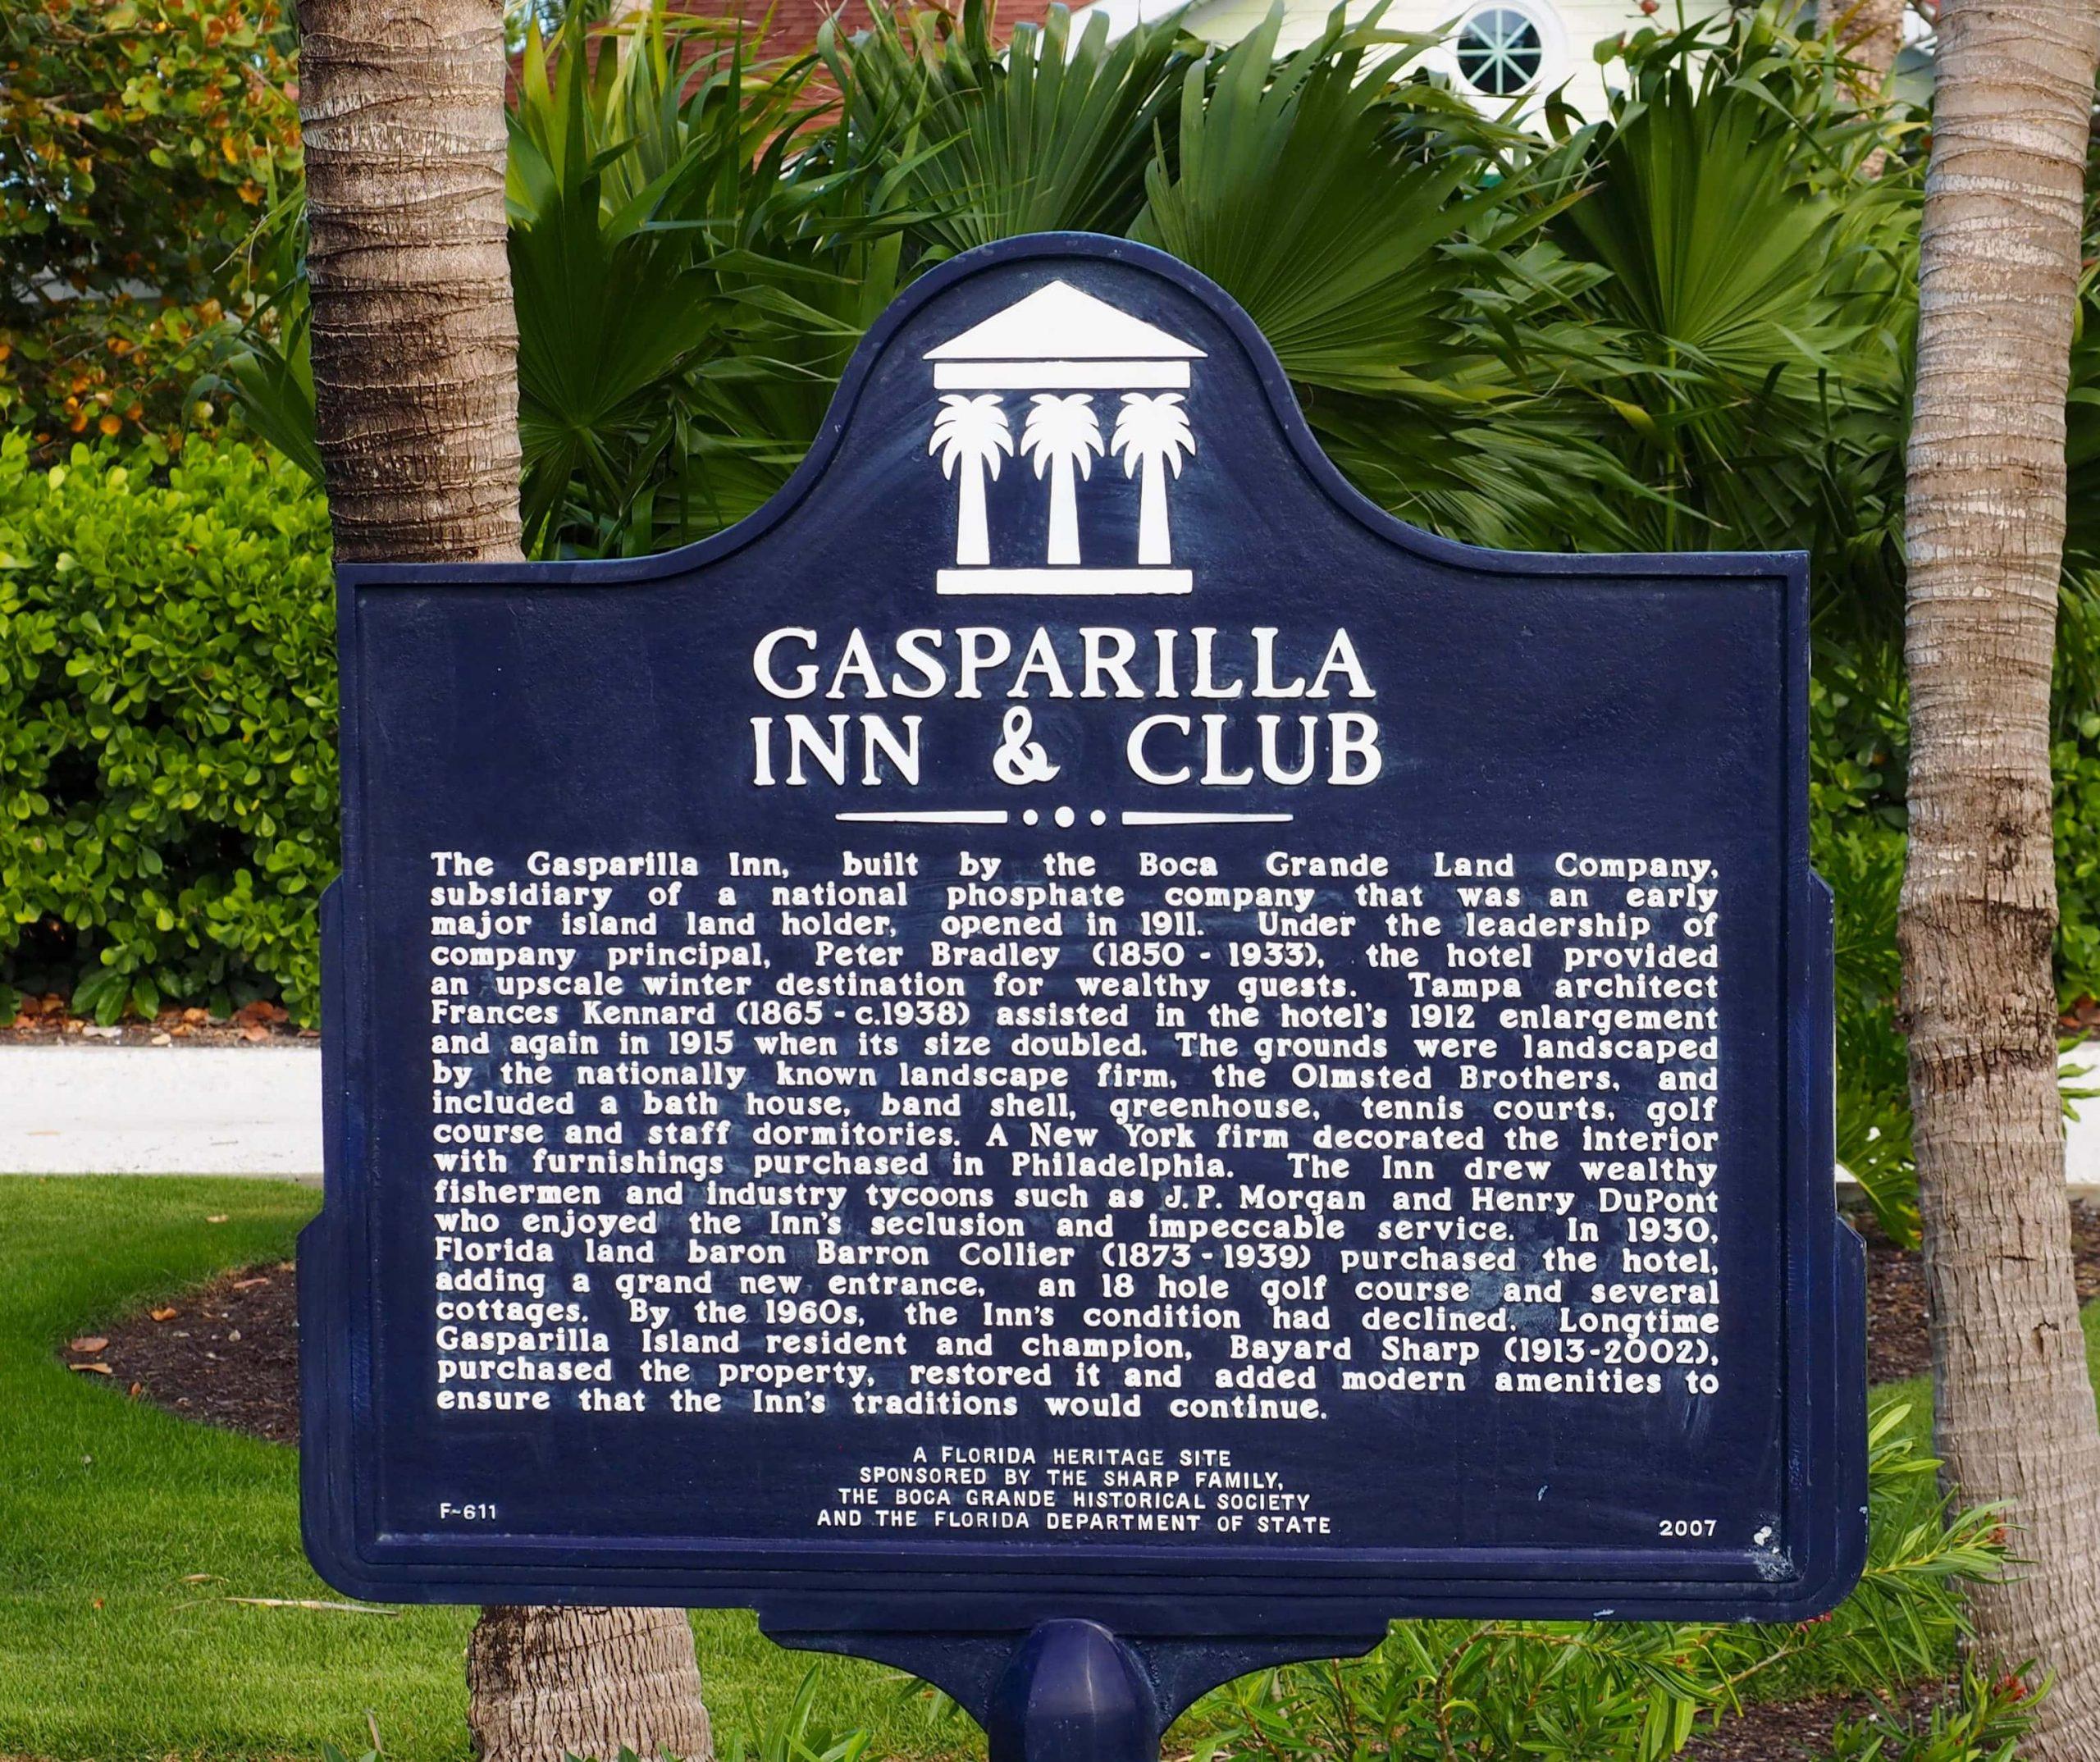 Gasparilla